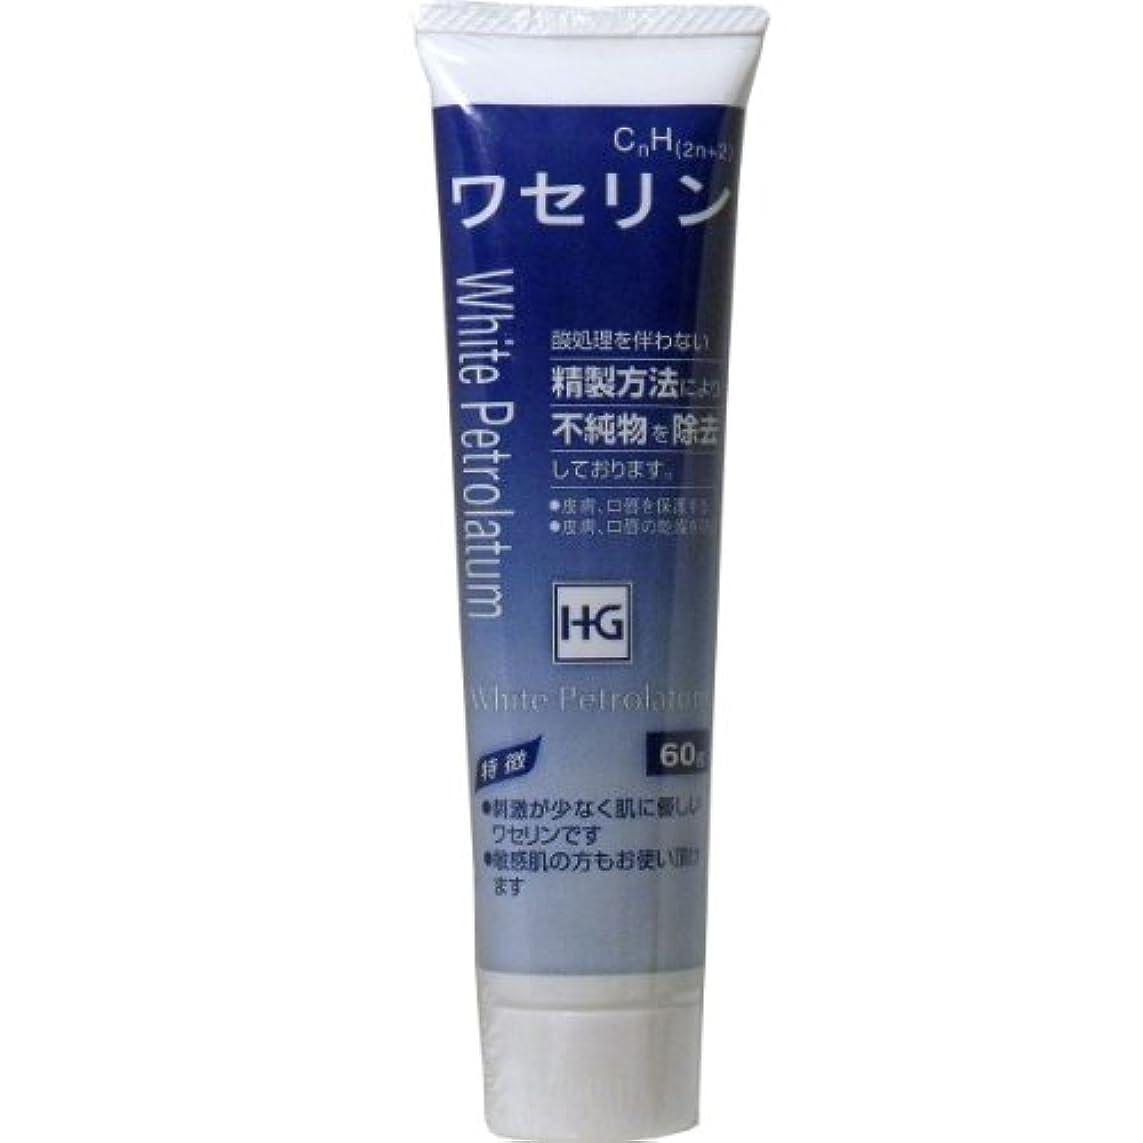 ジョブヒールヒューズ皮膚保護 ワセリンHG チューブ 60g入 ×3個セット